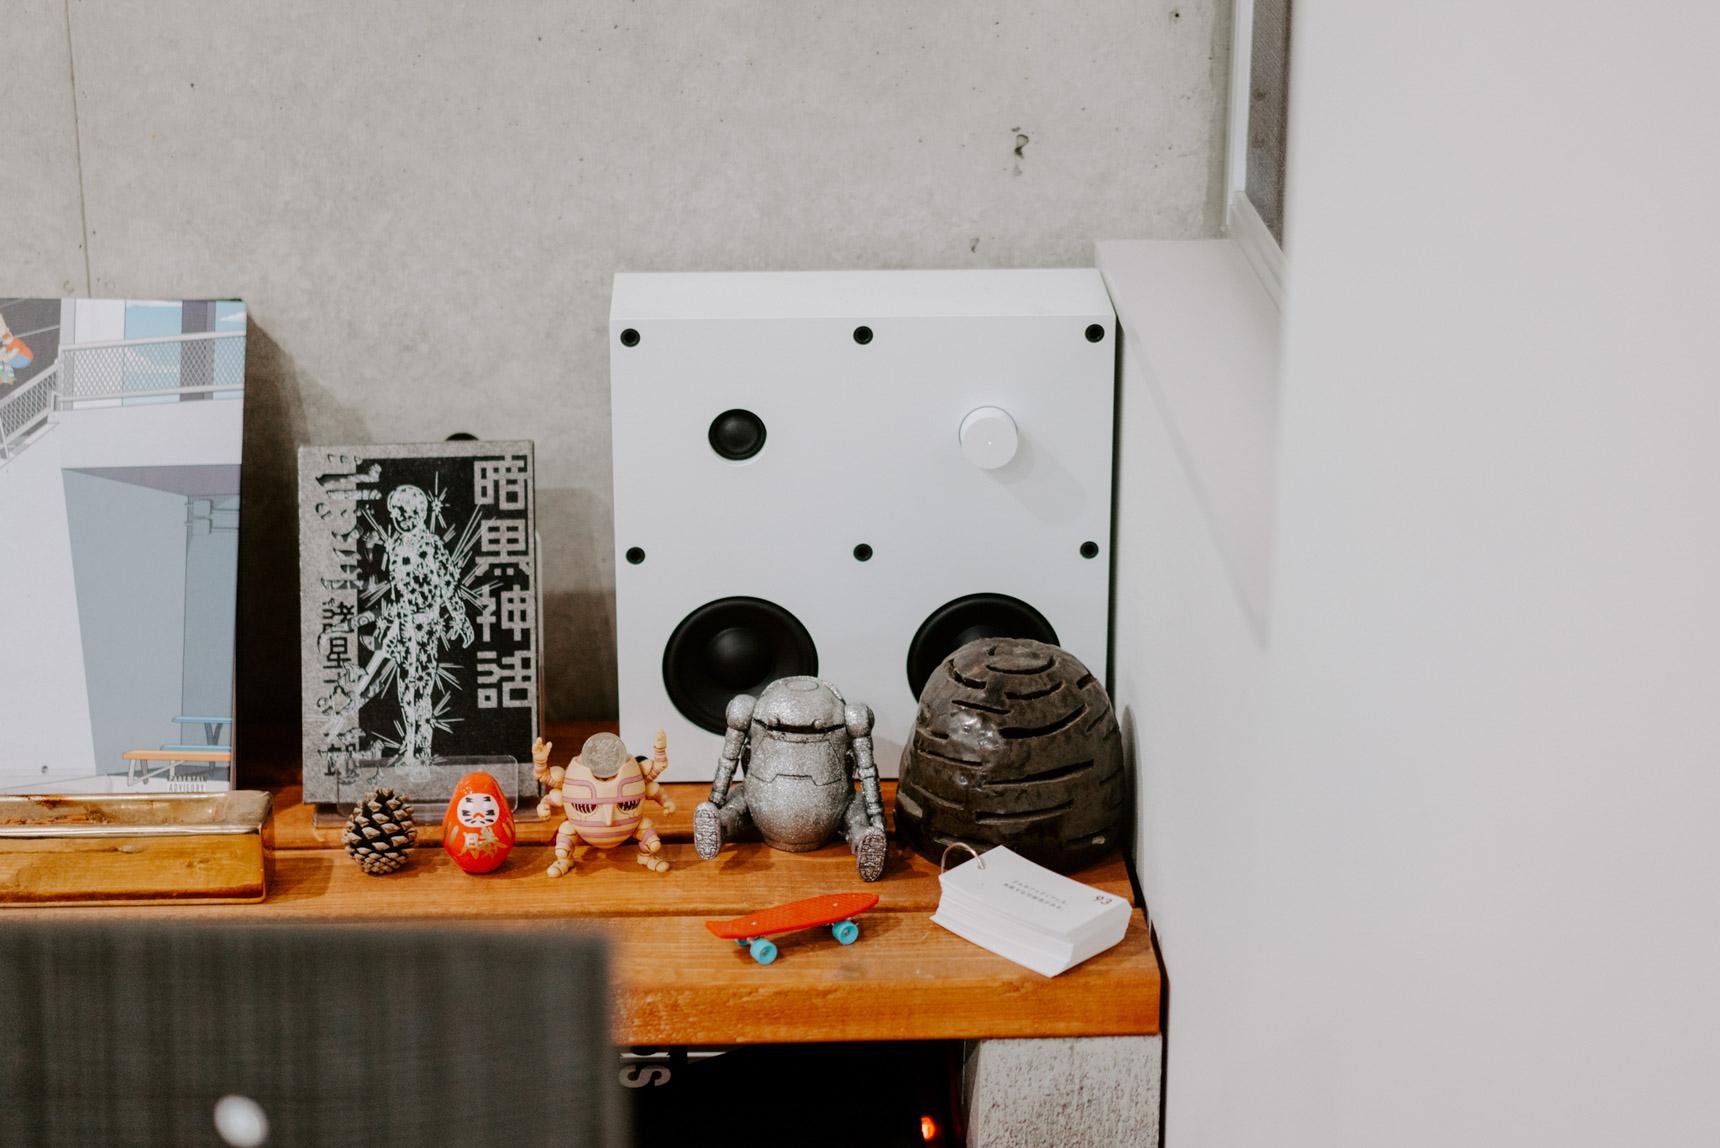 このカタチ、おもしろい。IKEA のBluetoothスピーカー「ENEBY」